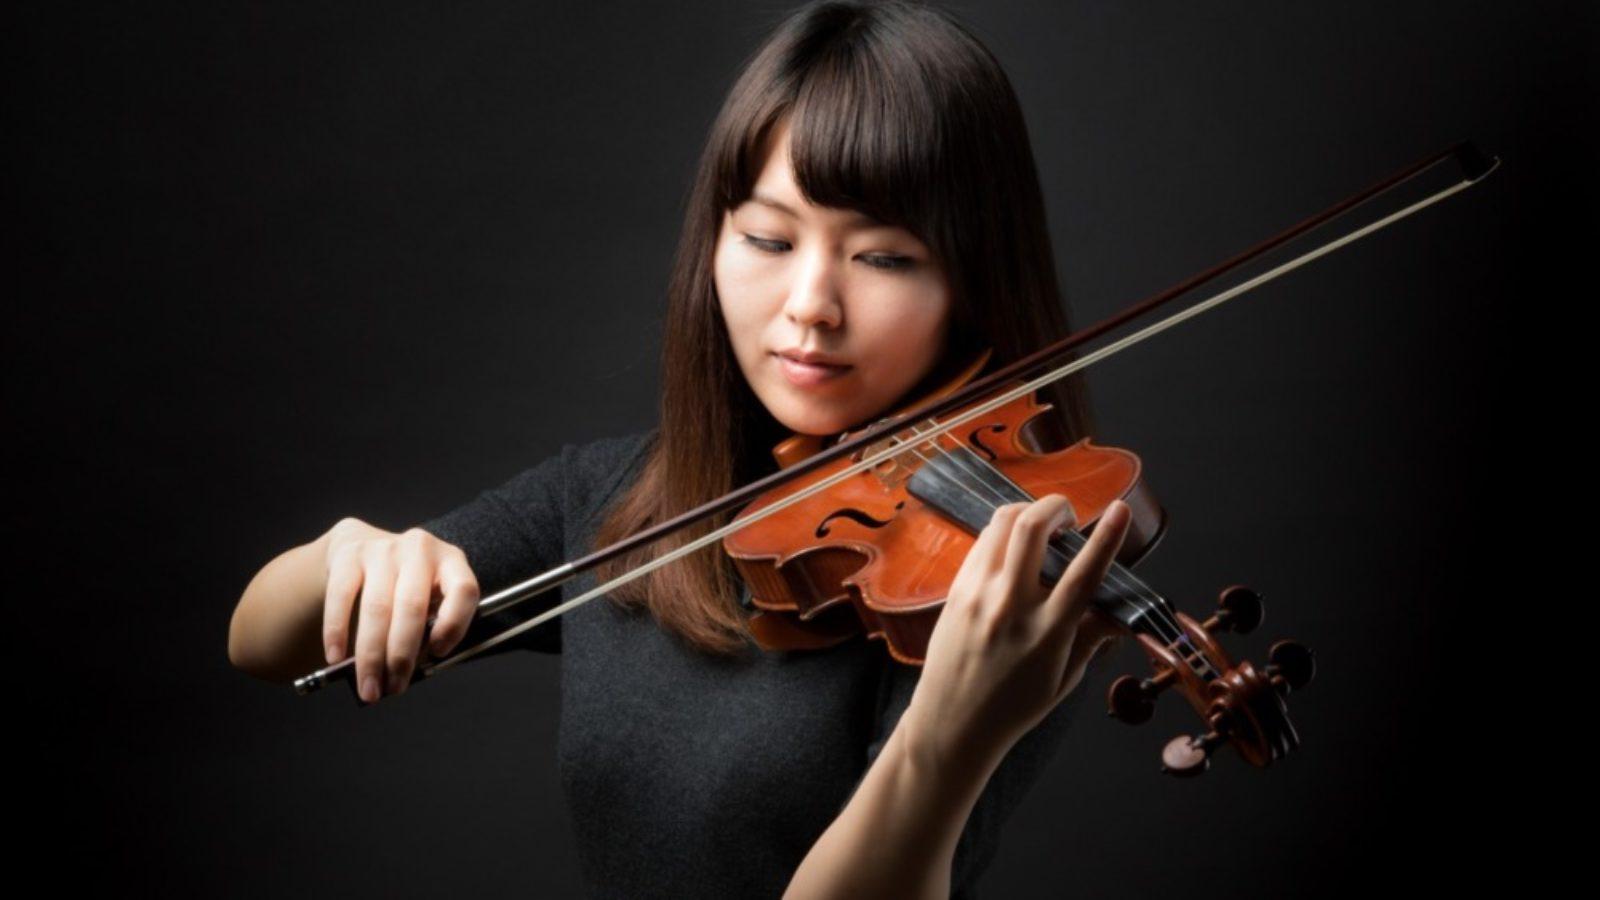 【一生の趣味】ヴァイオリンは大人から始められる!「難しい…」と挫折しないためにも習うのがおすすめ